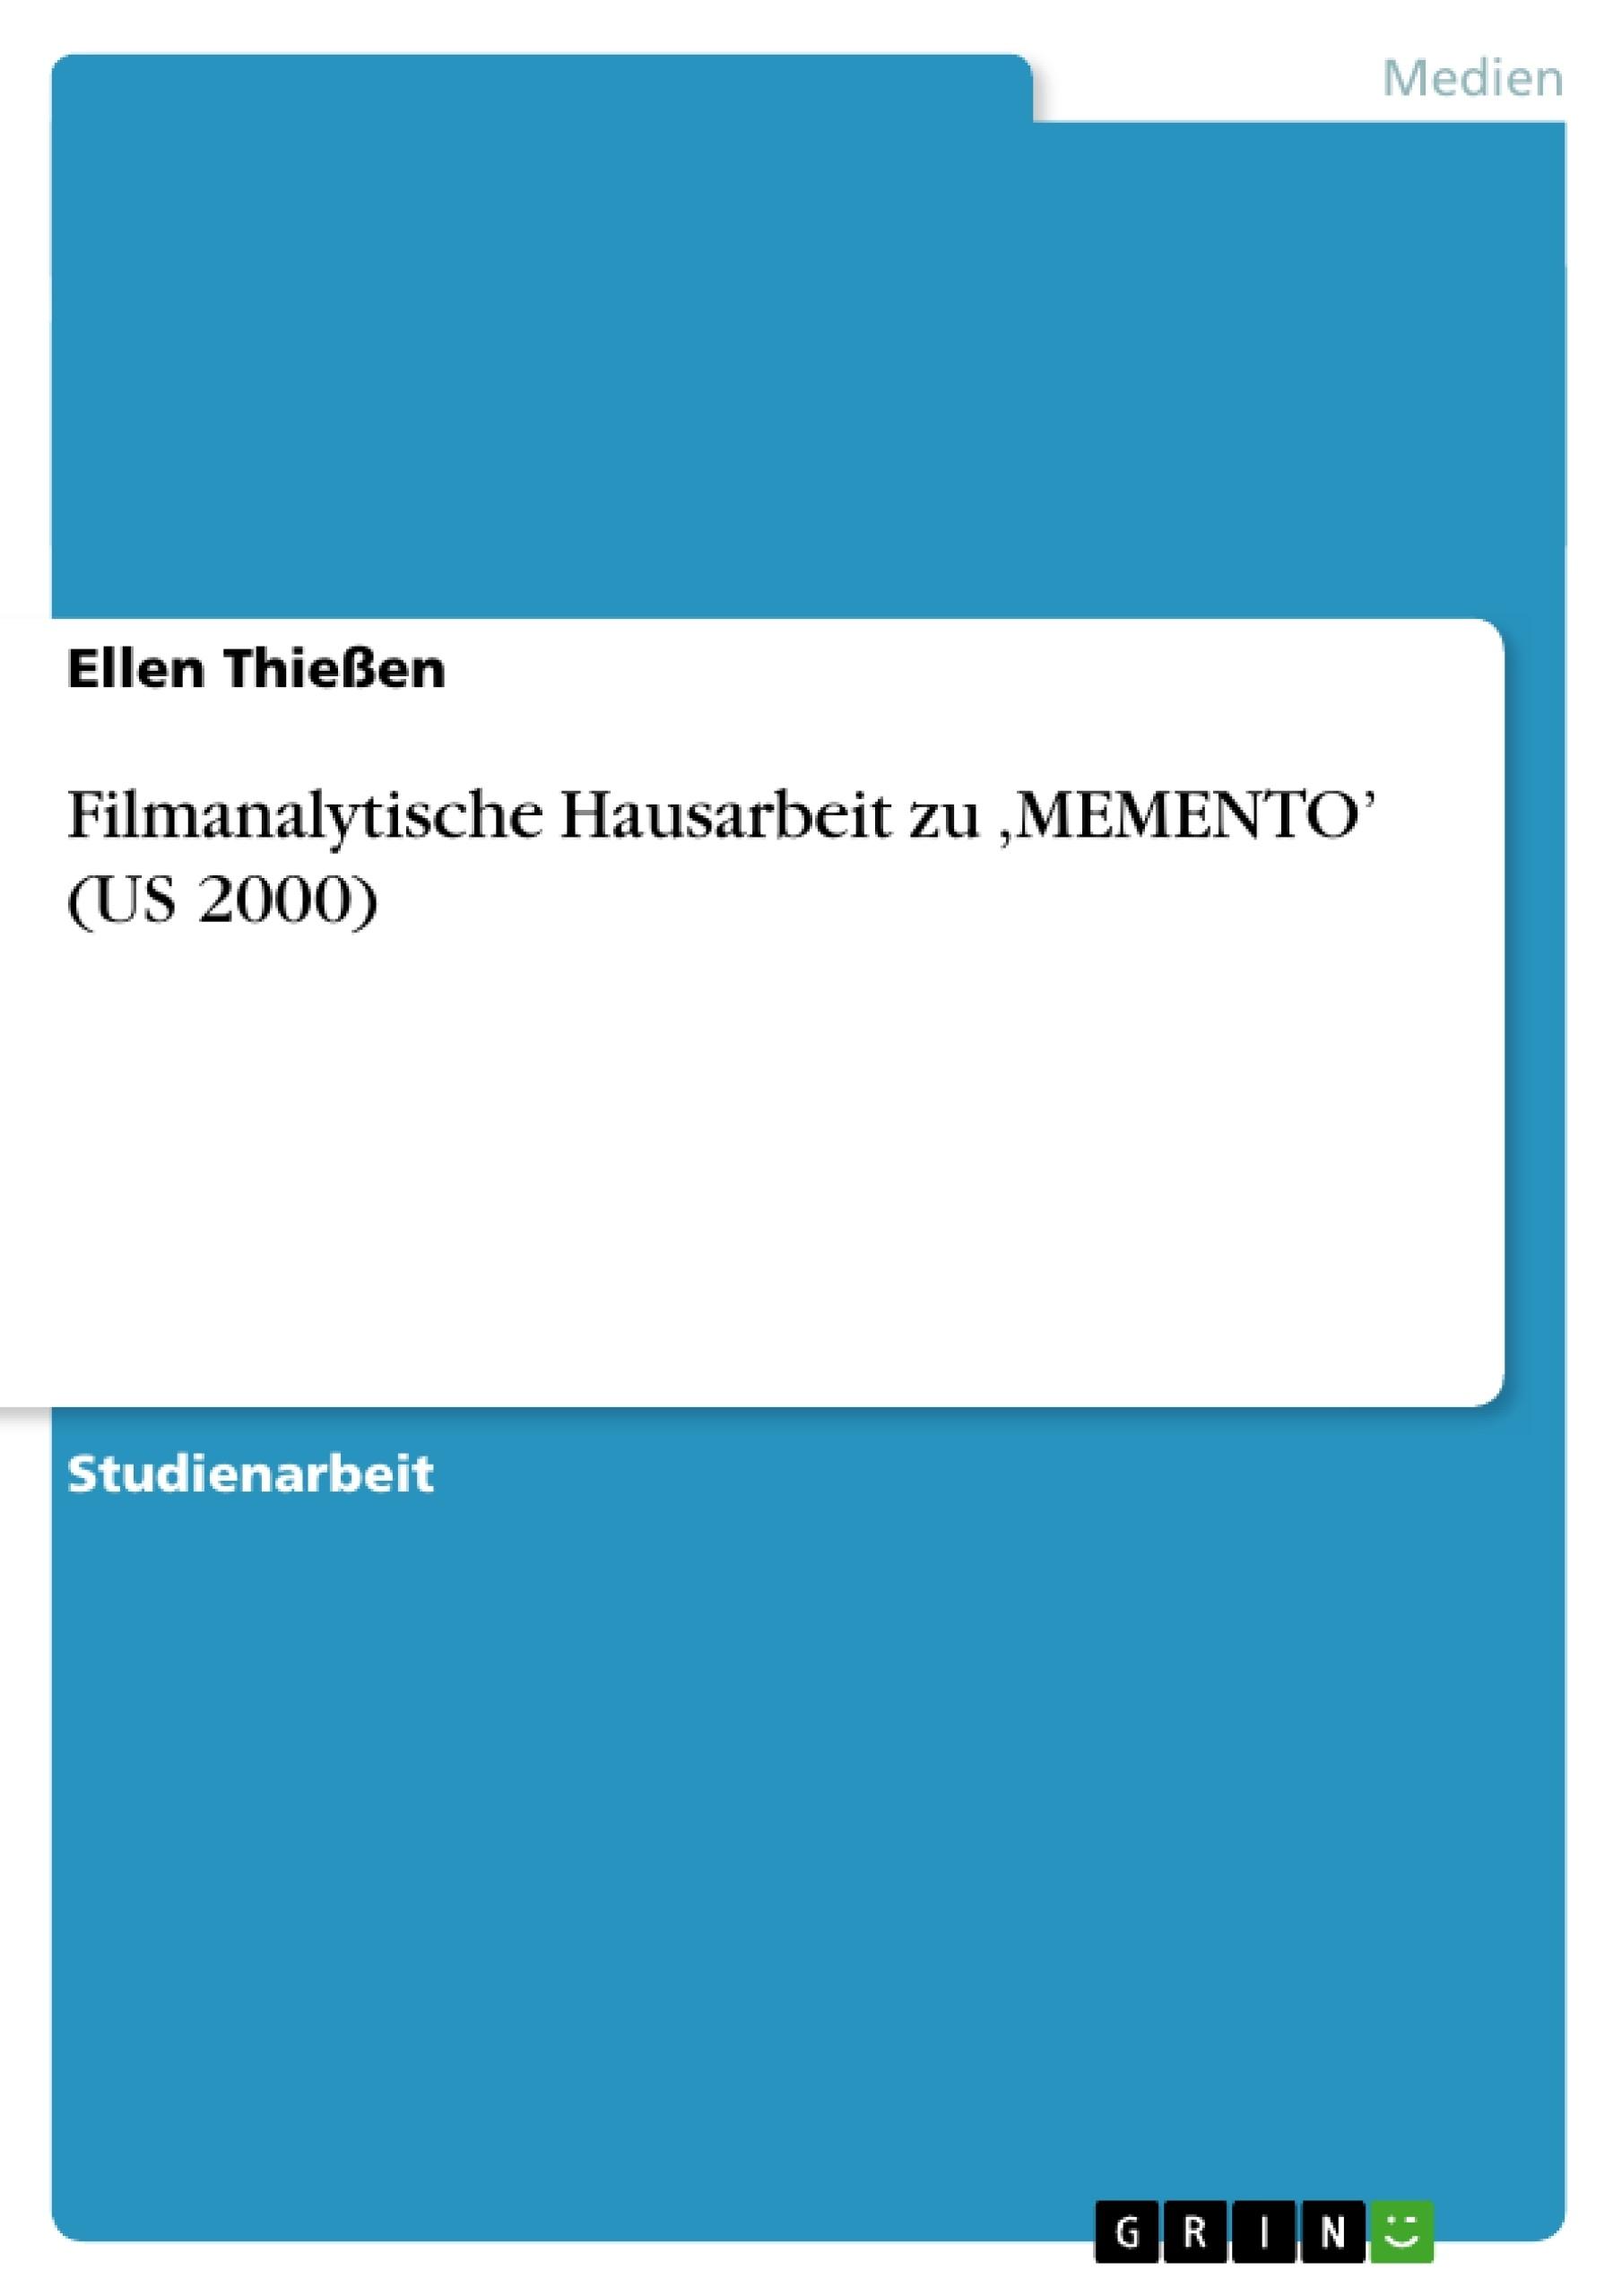 Titel: Filmanalytische Hausarbeit zu  ,MEMENTO' (US 2000)